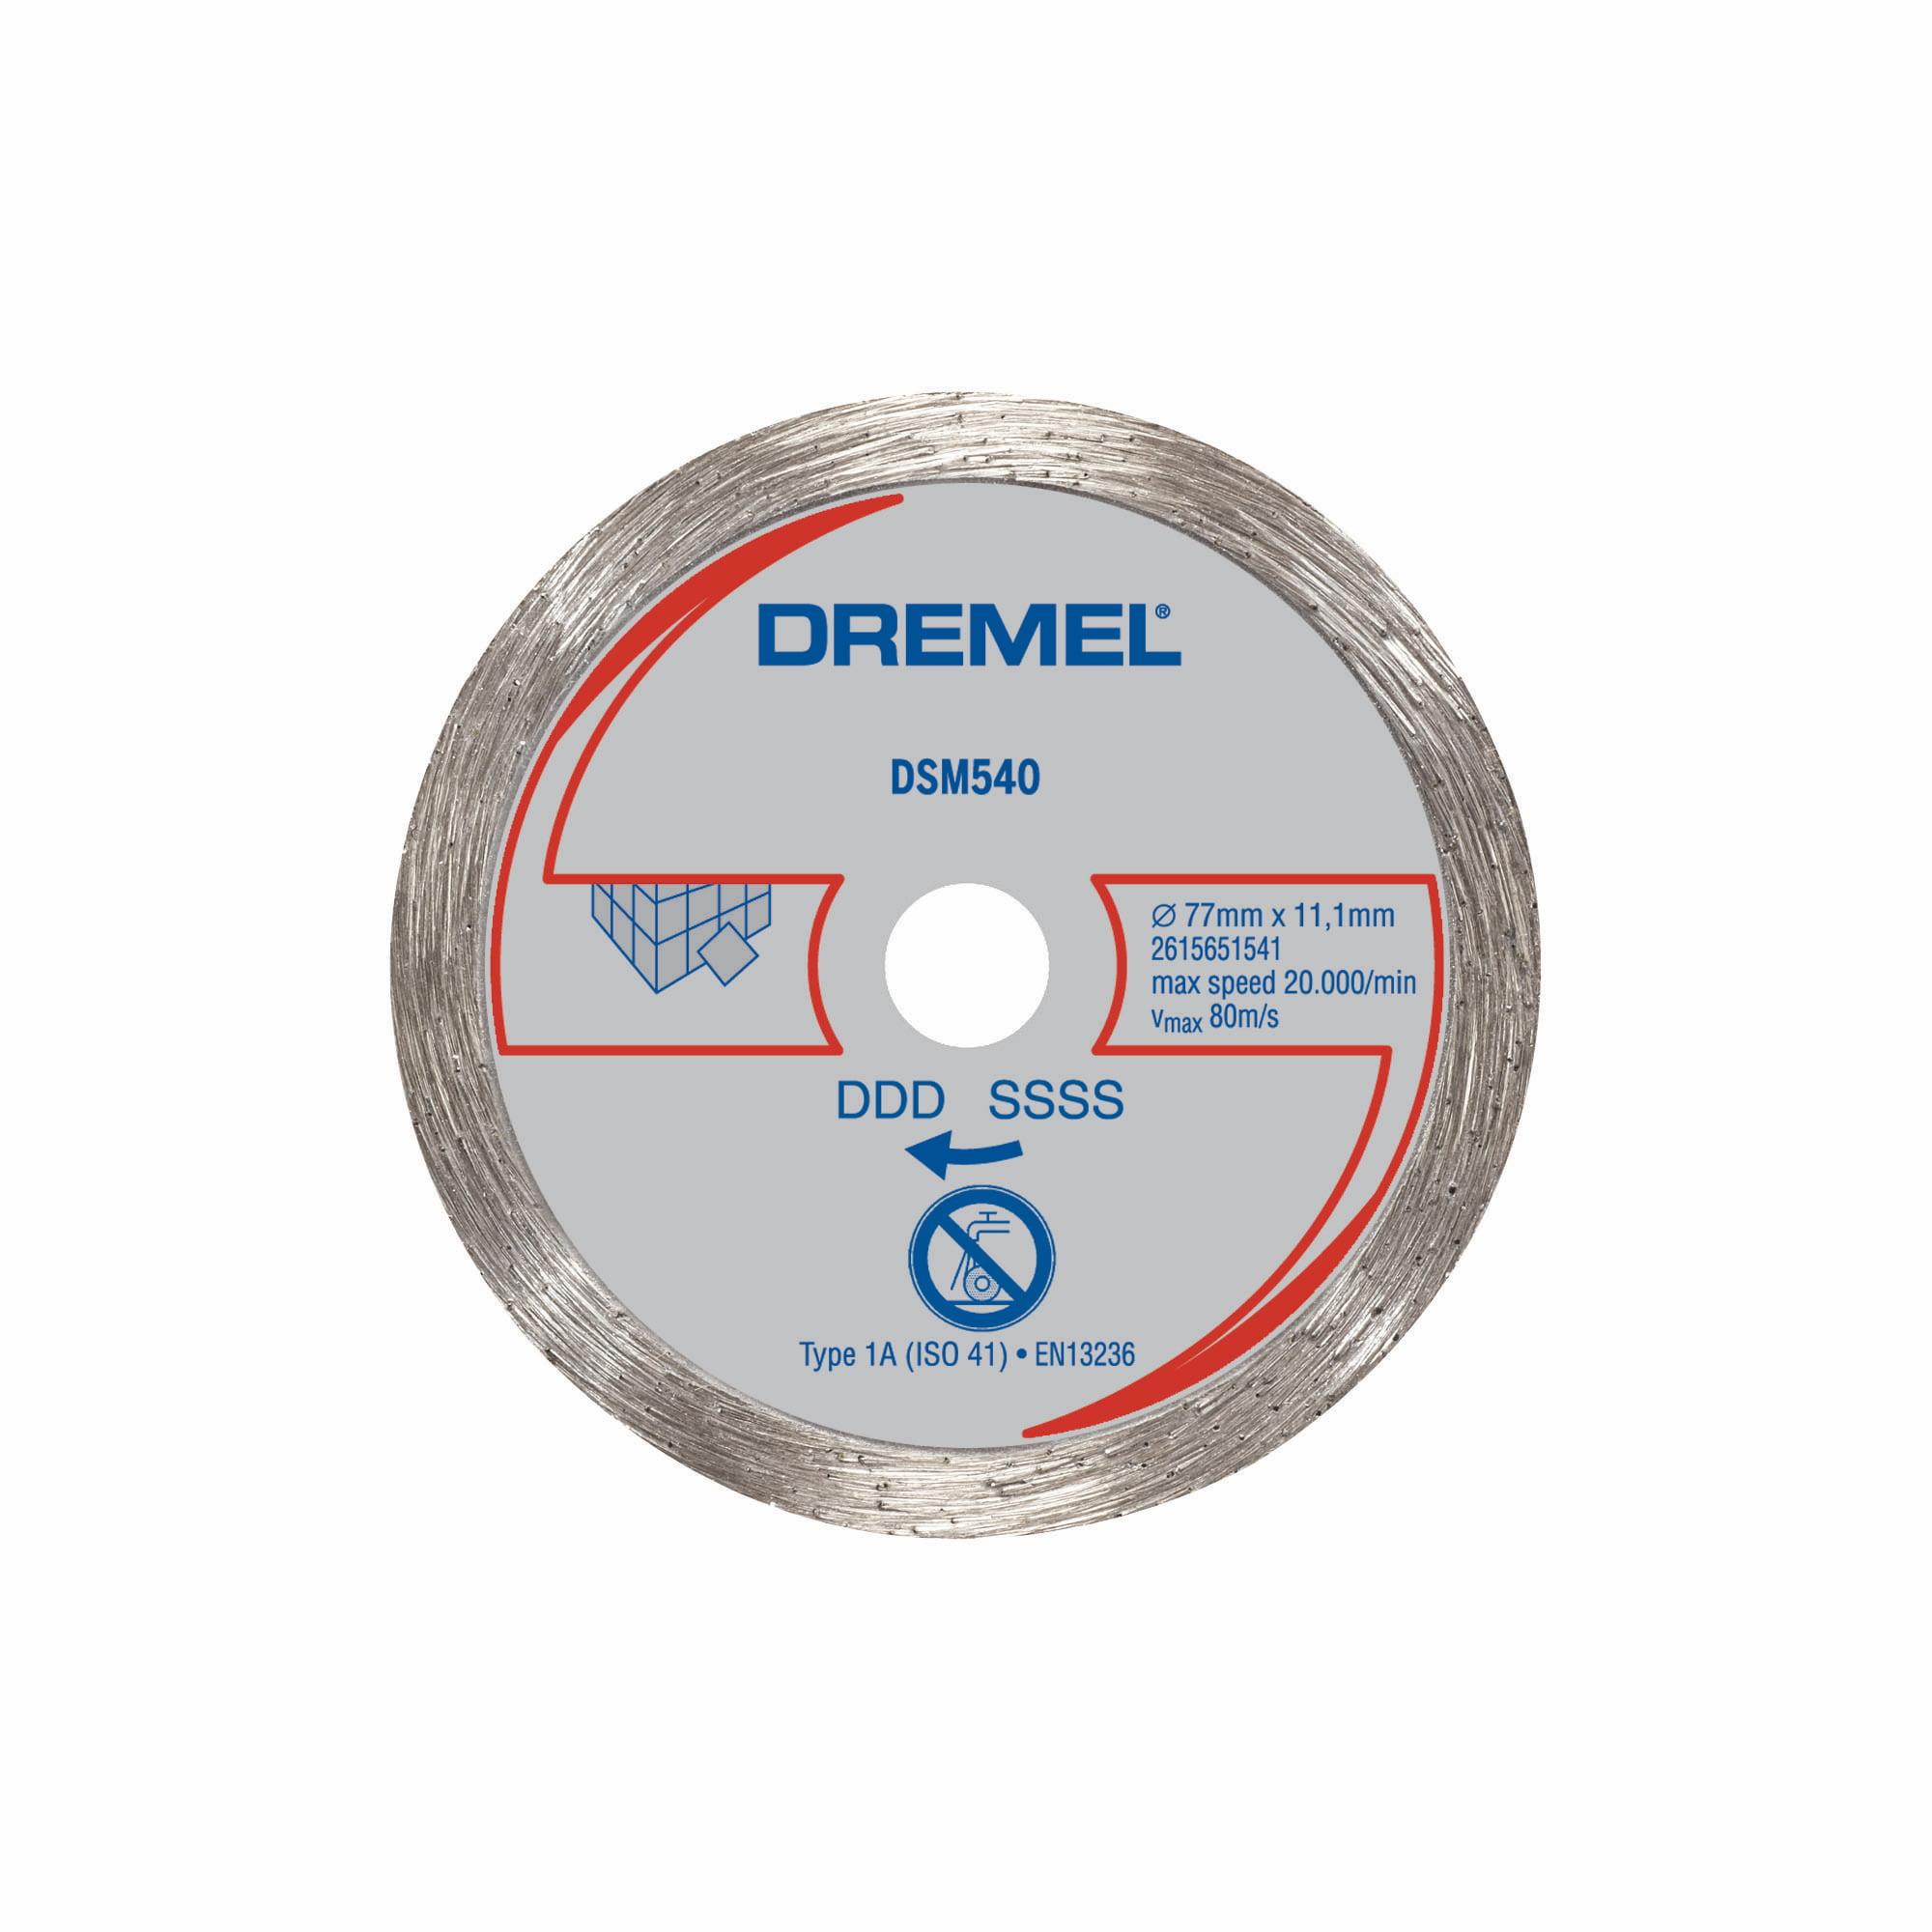 Dremel Sm540 Saw Max 3 Inch Diamond Tile Wheel Walmart